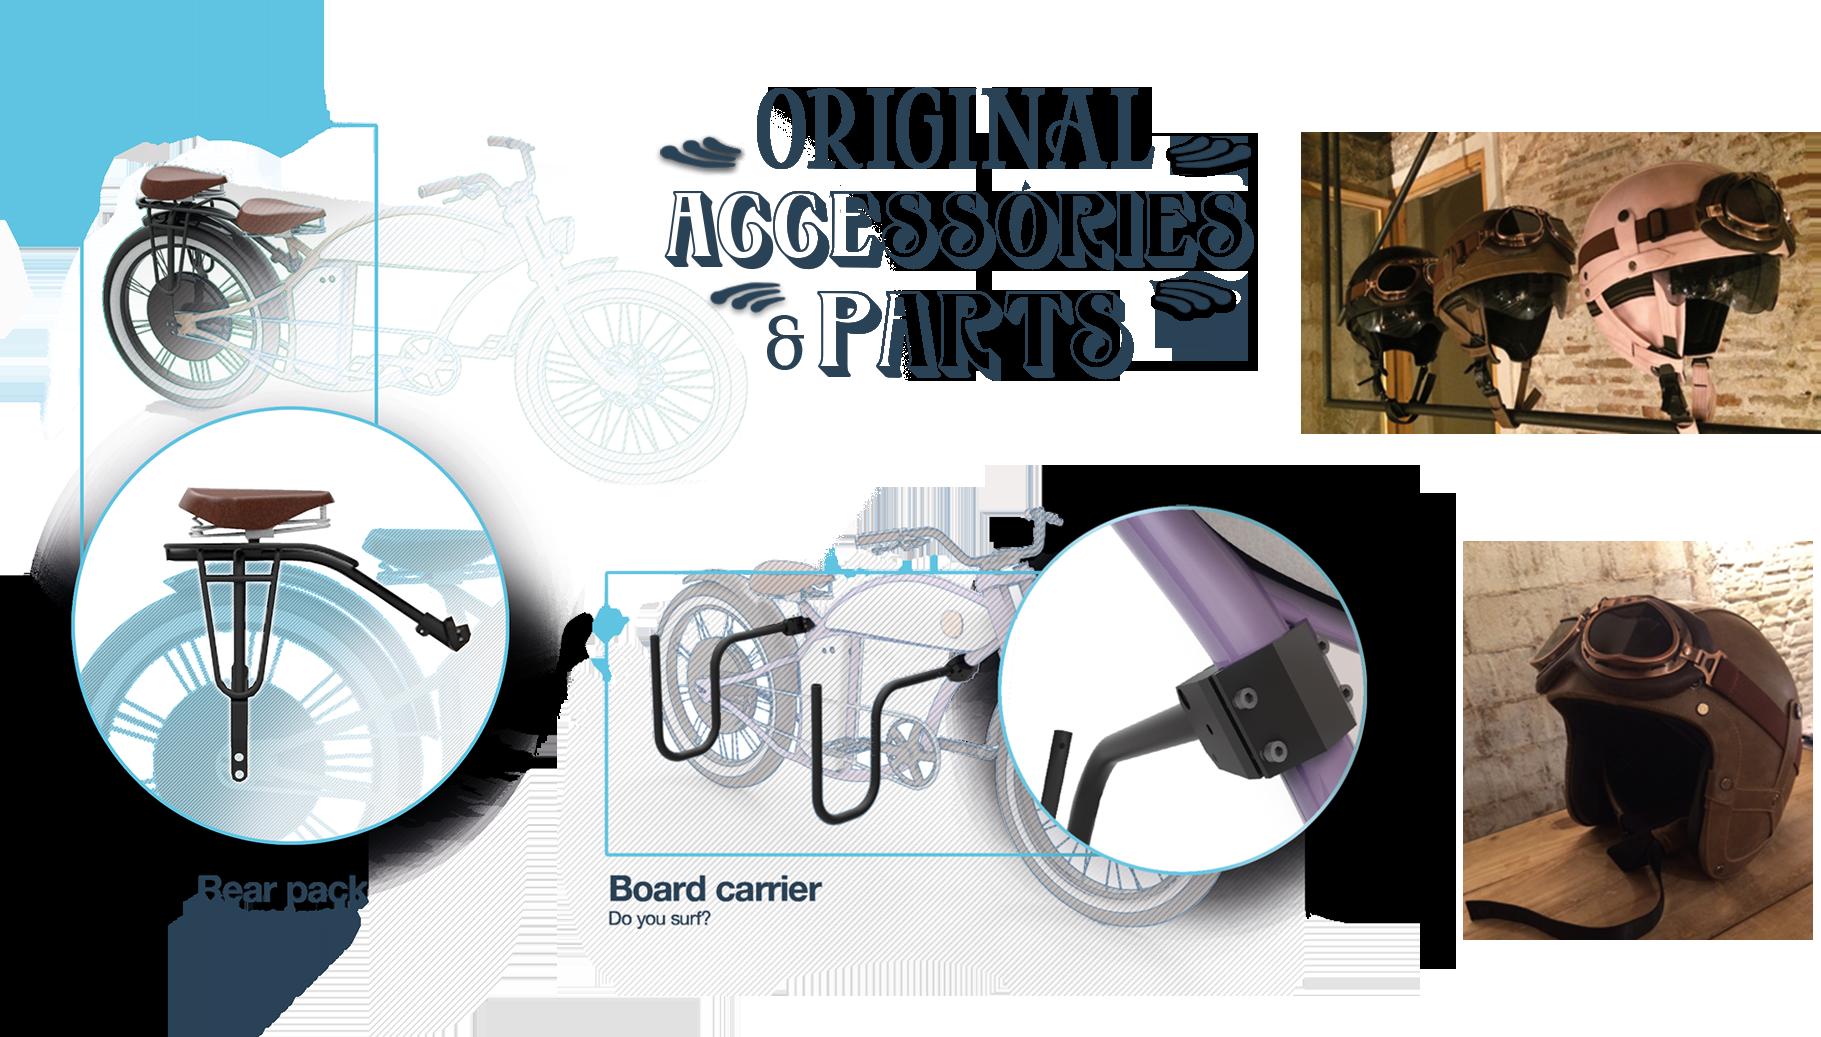 Original Accessories Parts